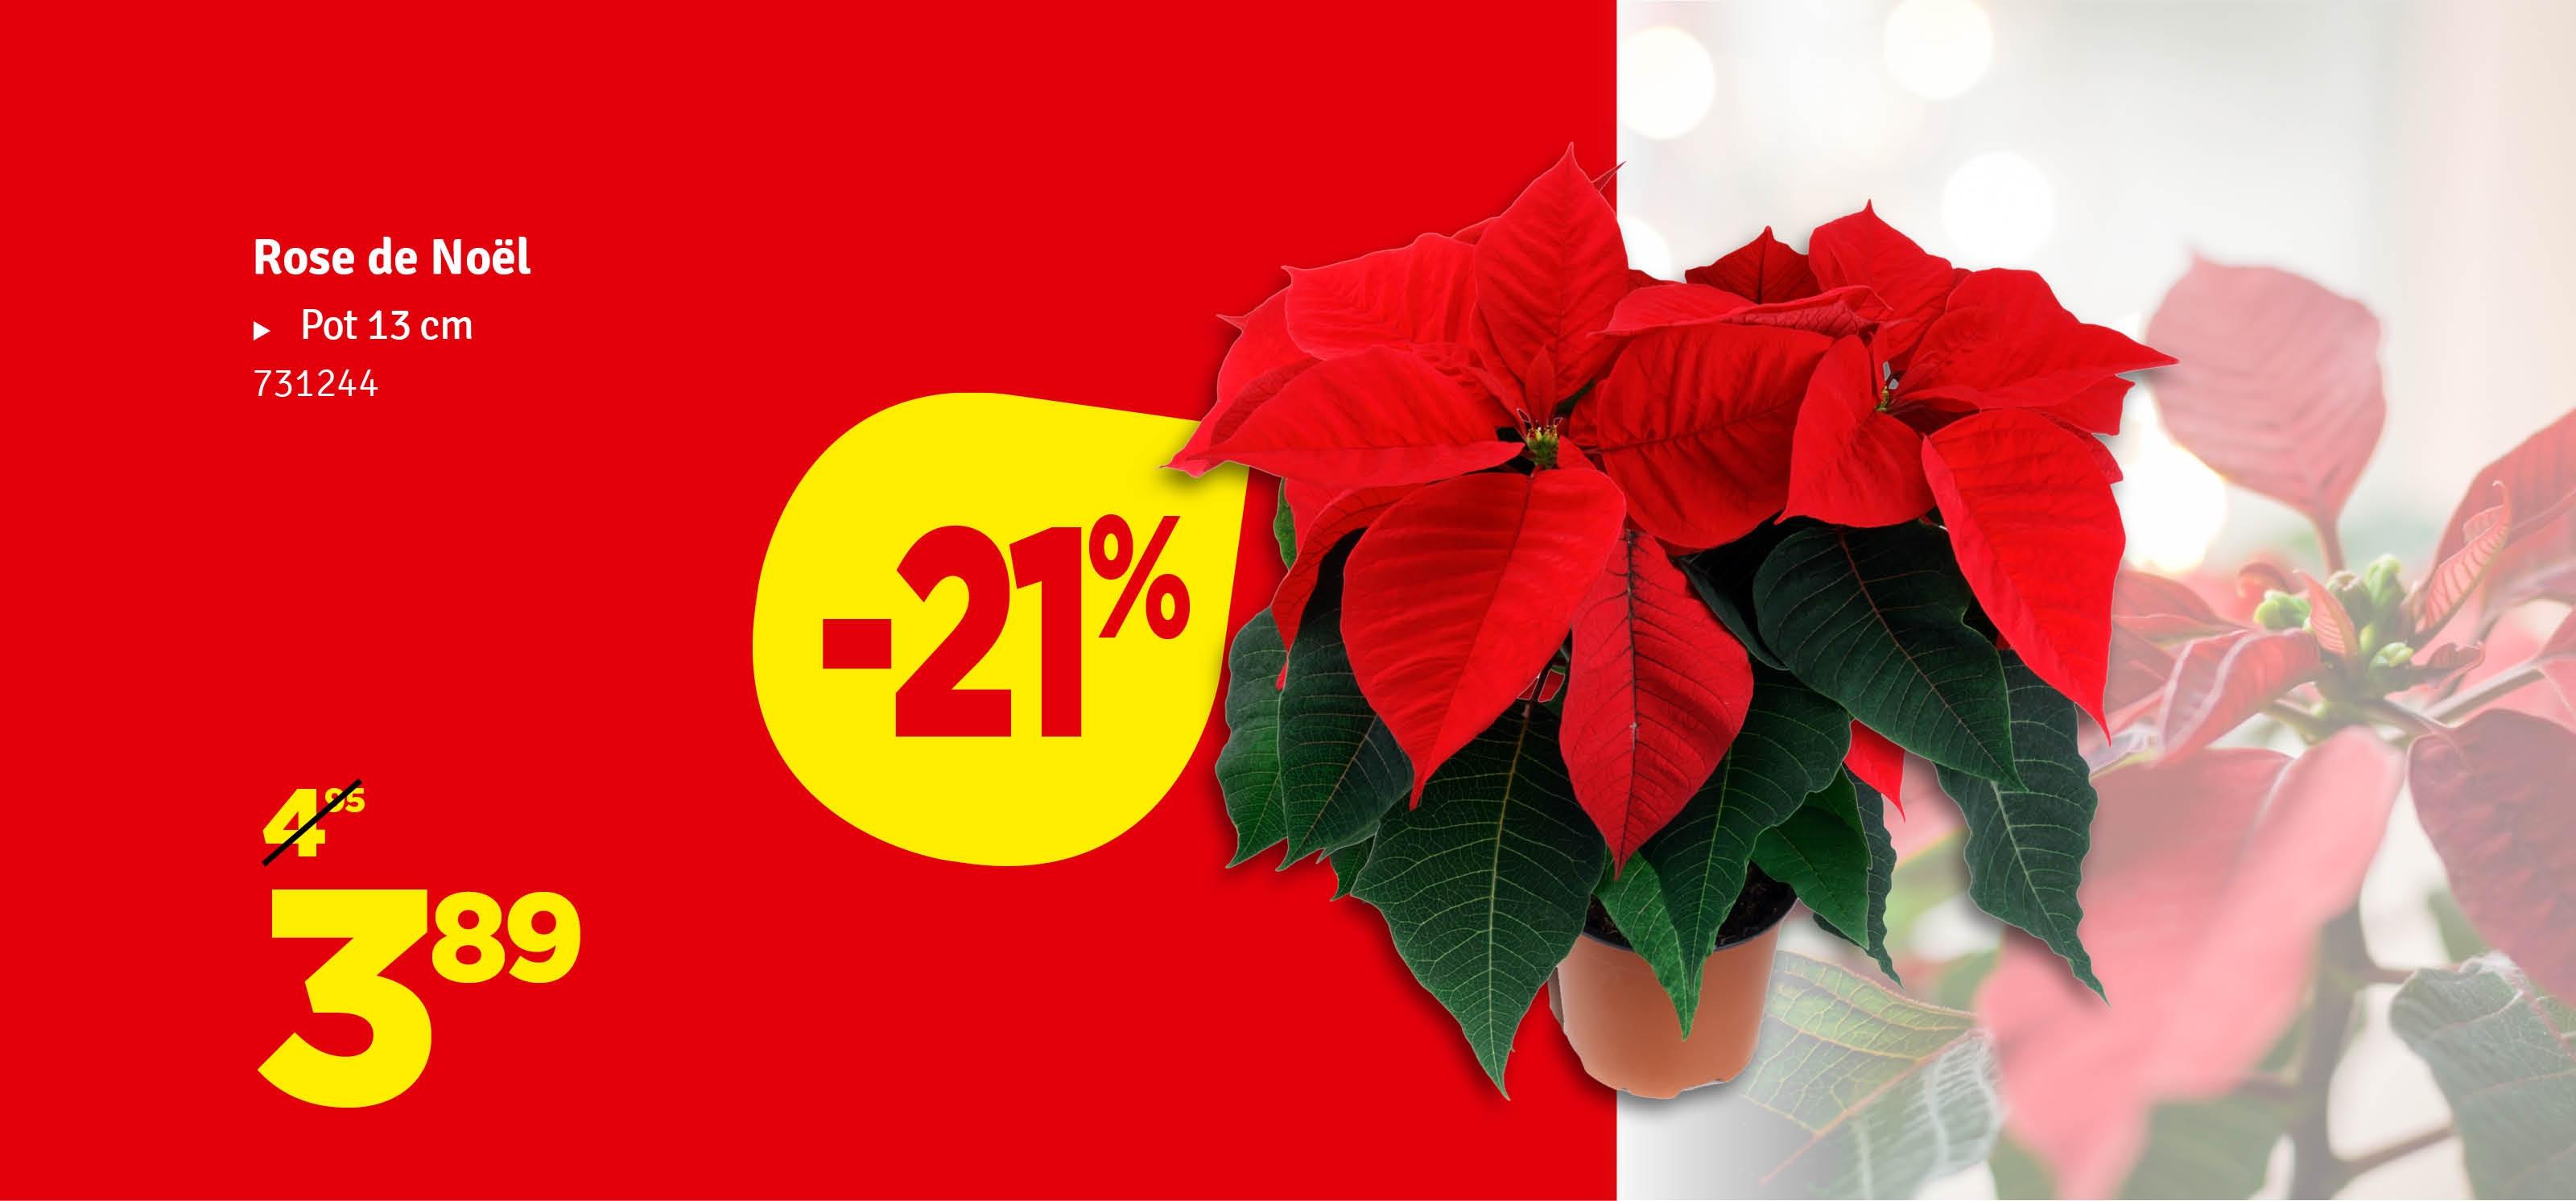 Promo - Rose de Noël